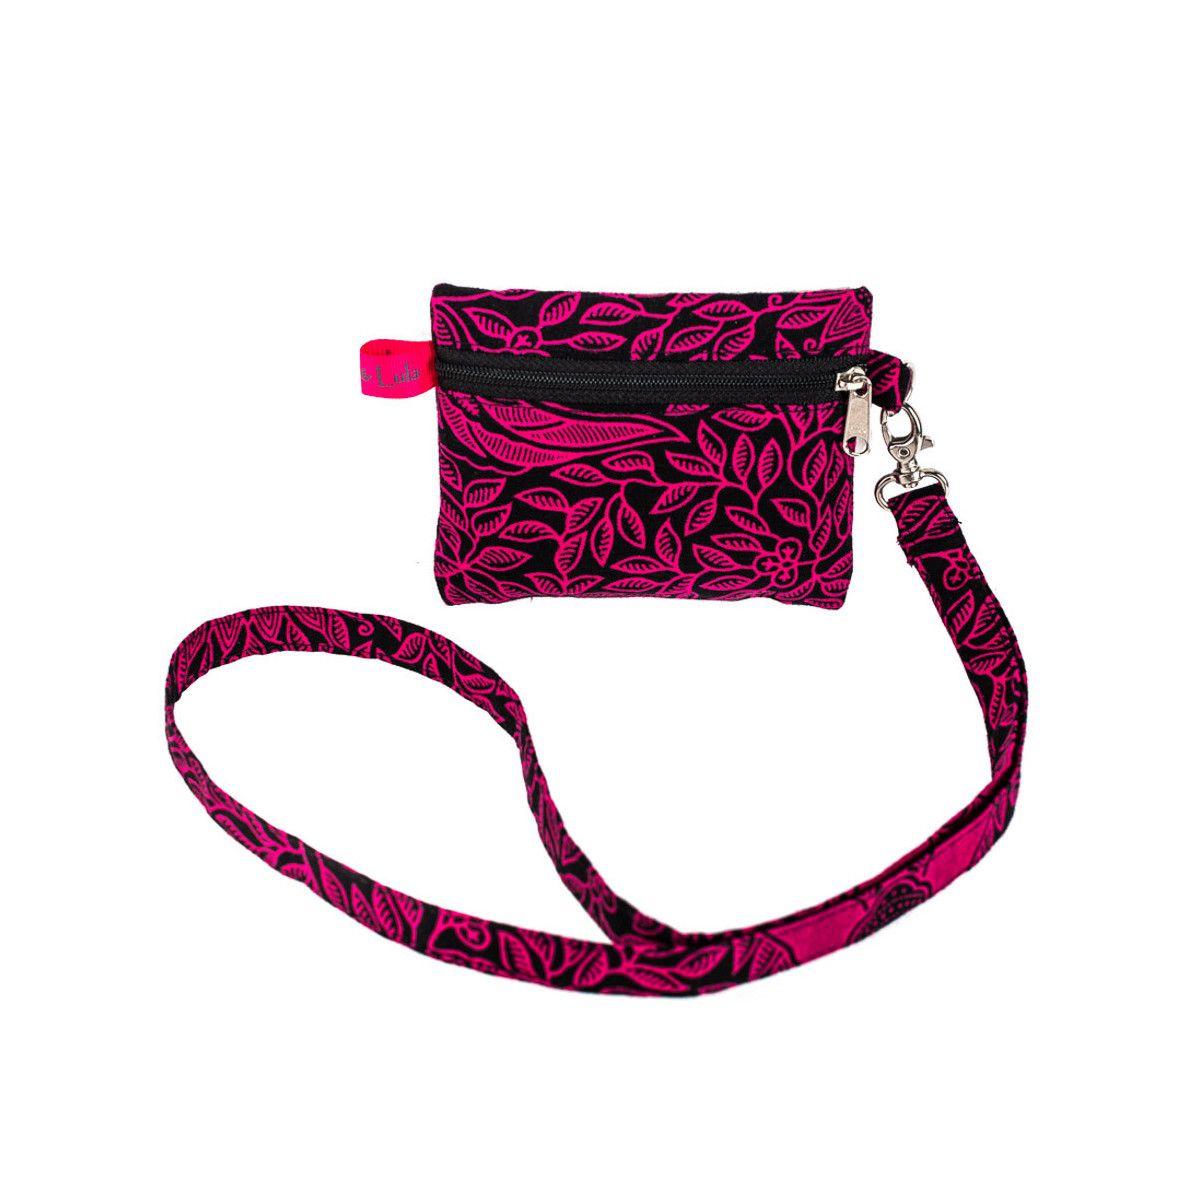 Porte badge tour de cou rose et noir